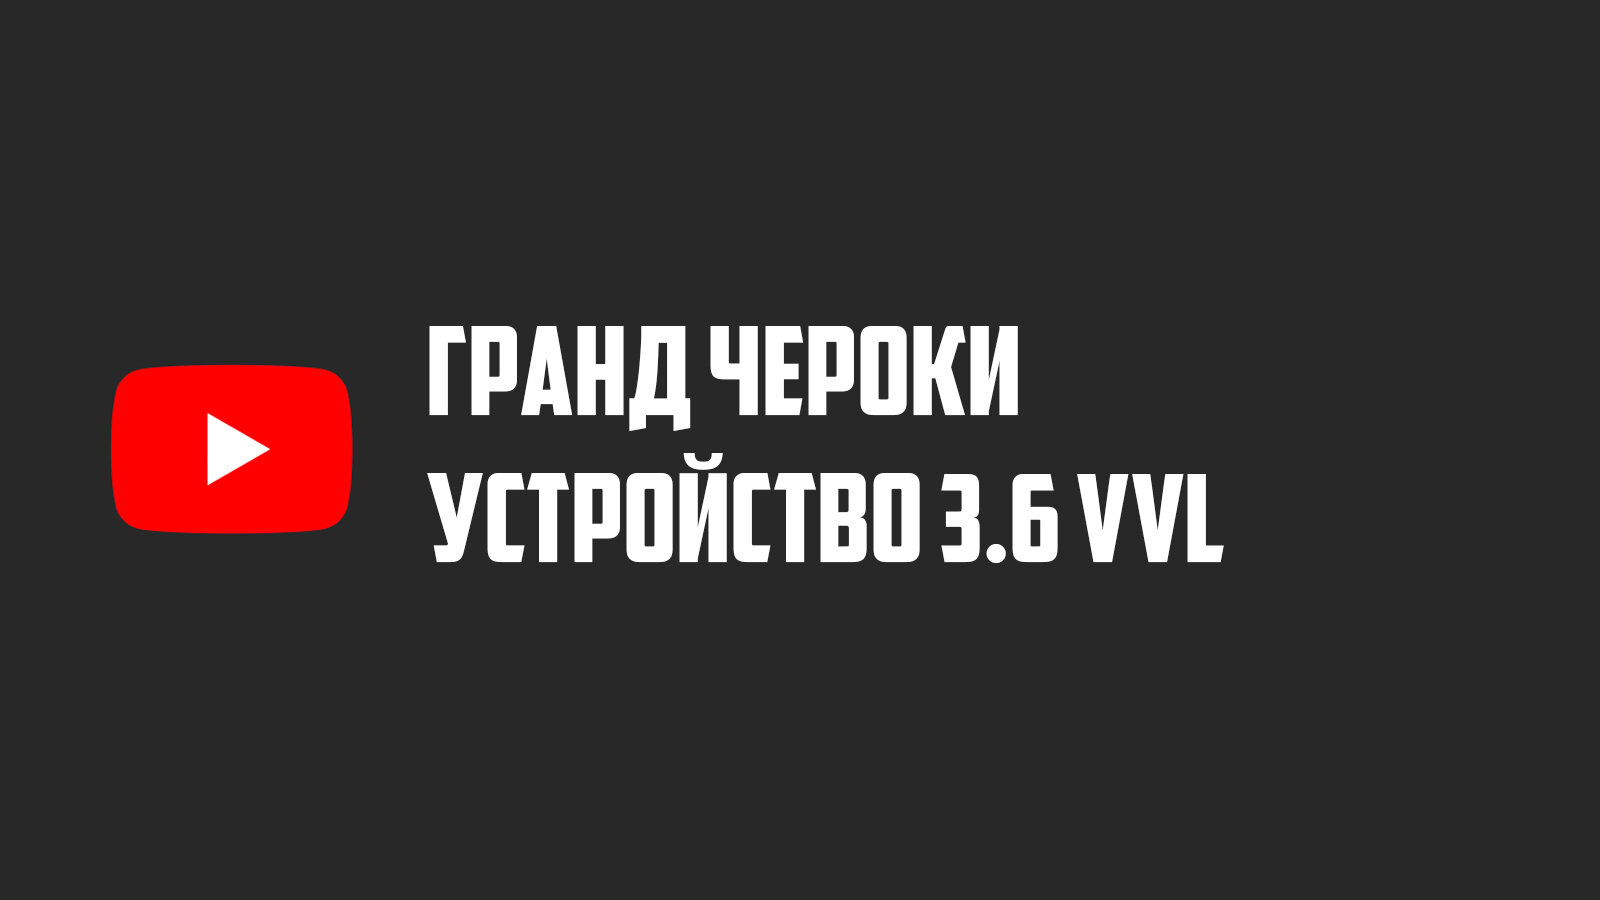 Устройство Пентастара 3.6 VVL